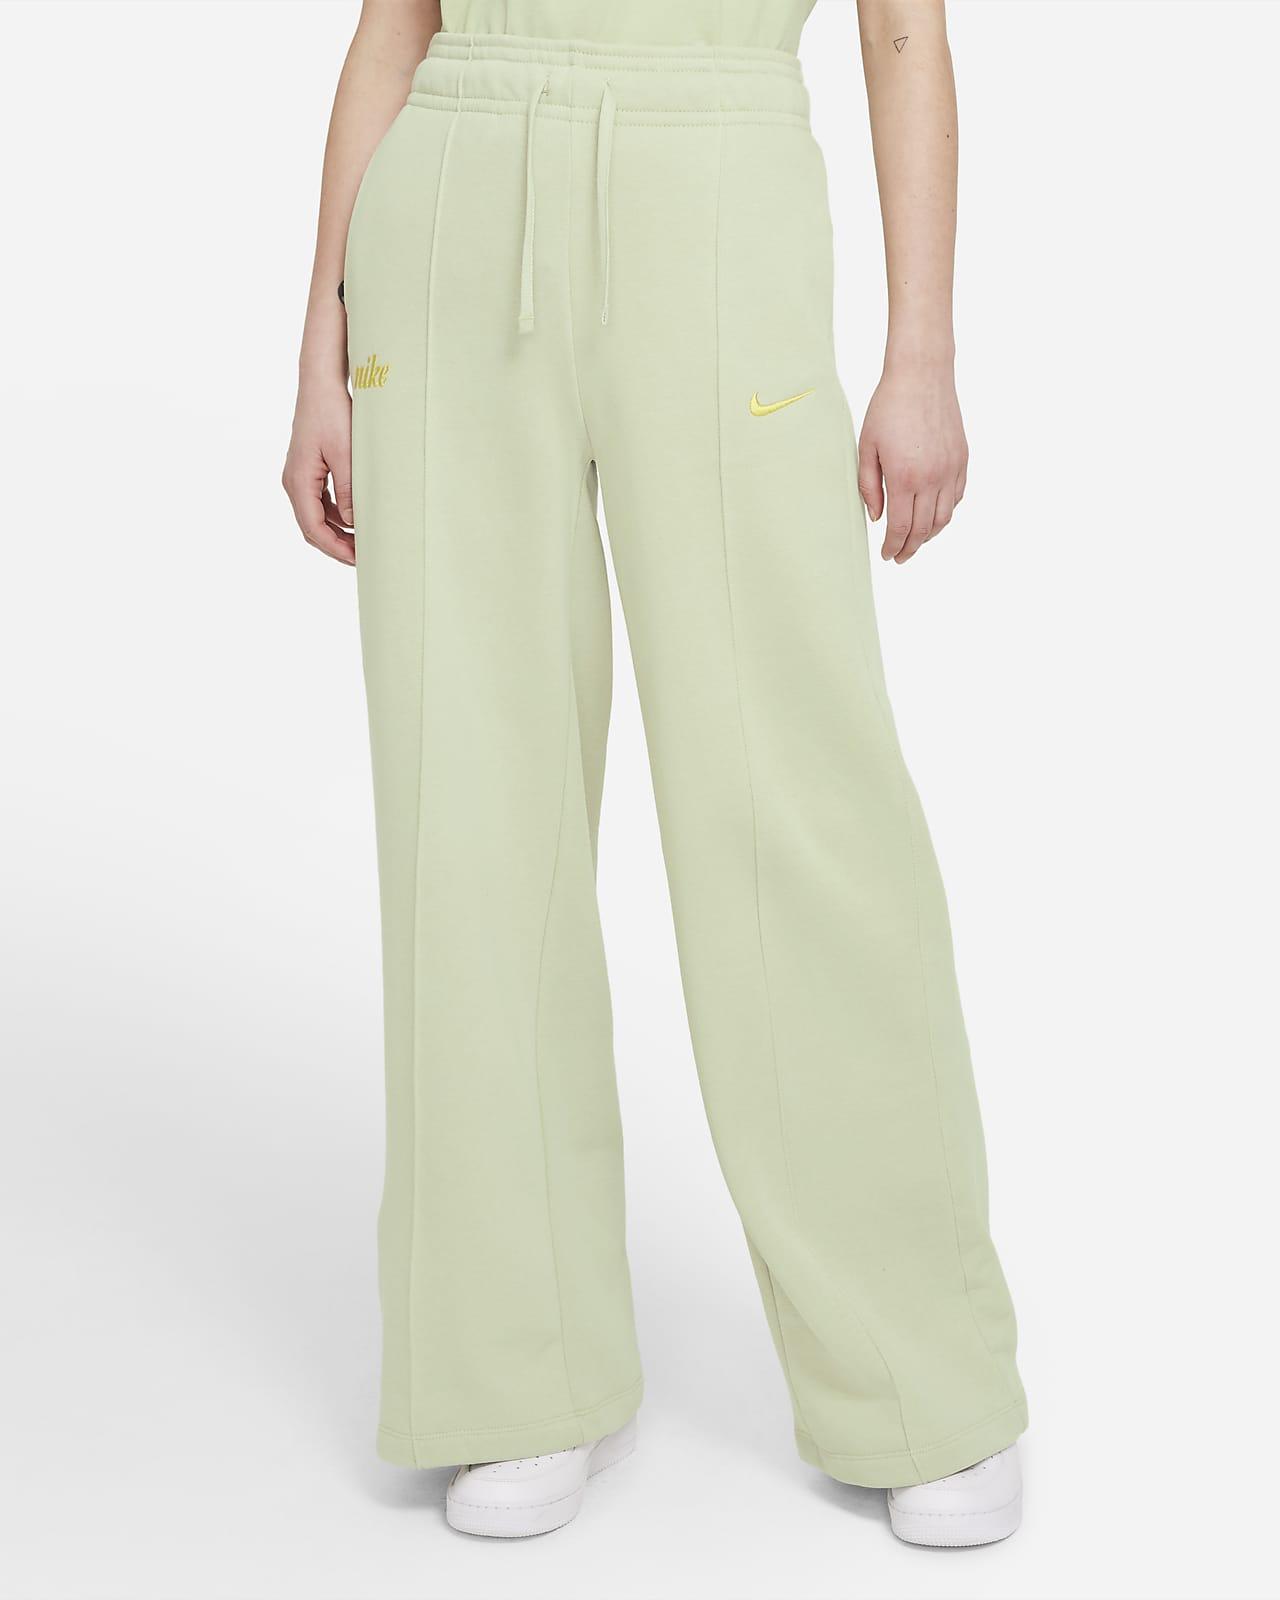 Pantalon en tissu Fleece Nike Sportswear pour Femme